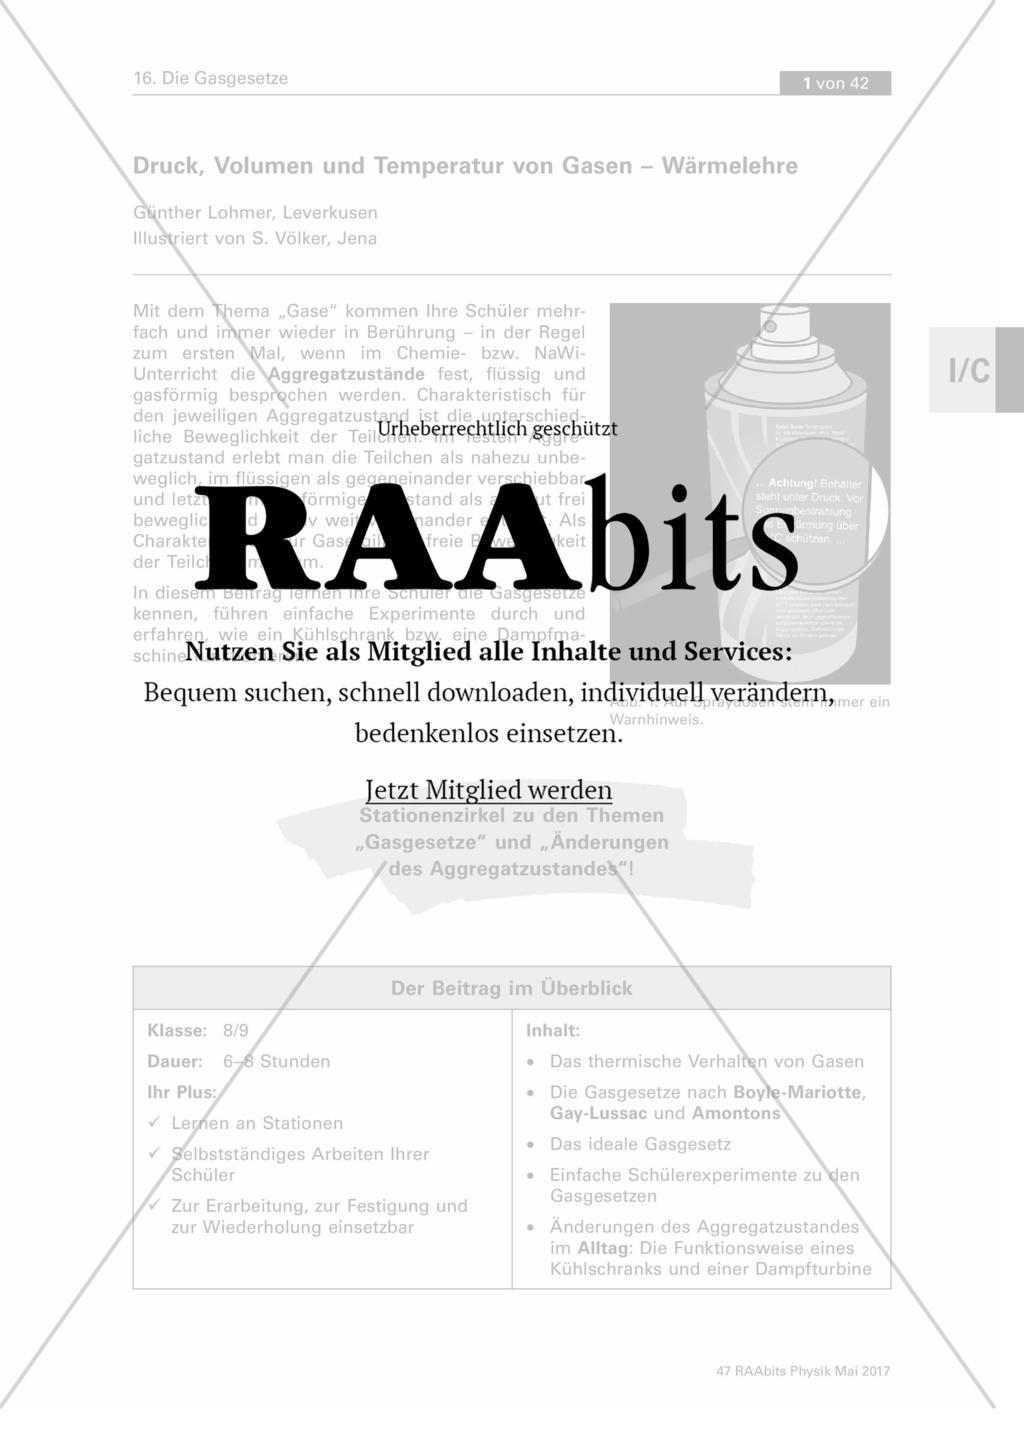 Druck, Volumen und Temperatur von Gasen – Wärmelehre – RAAbits ...